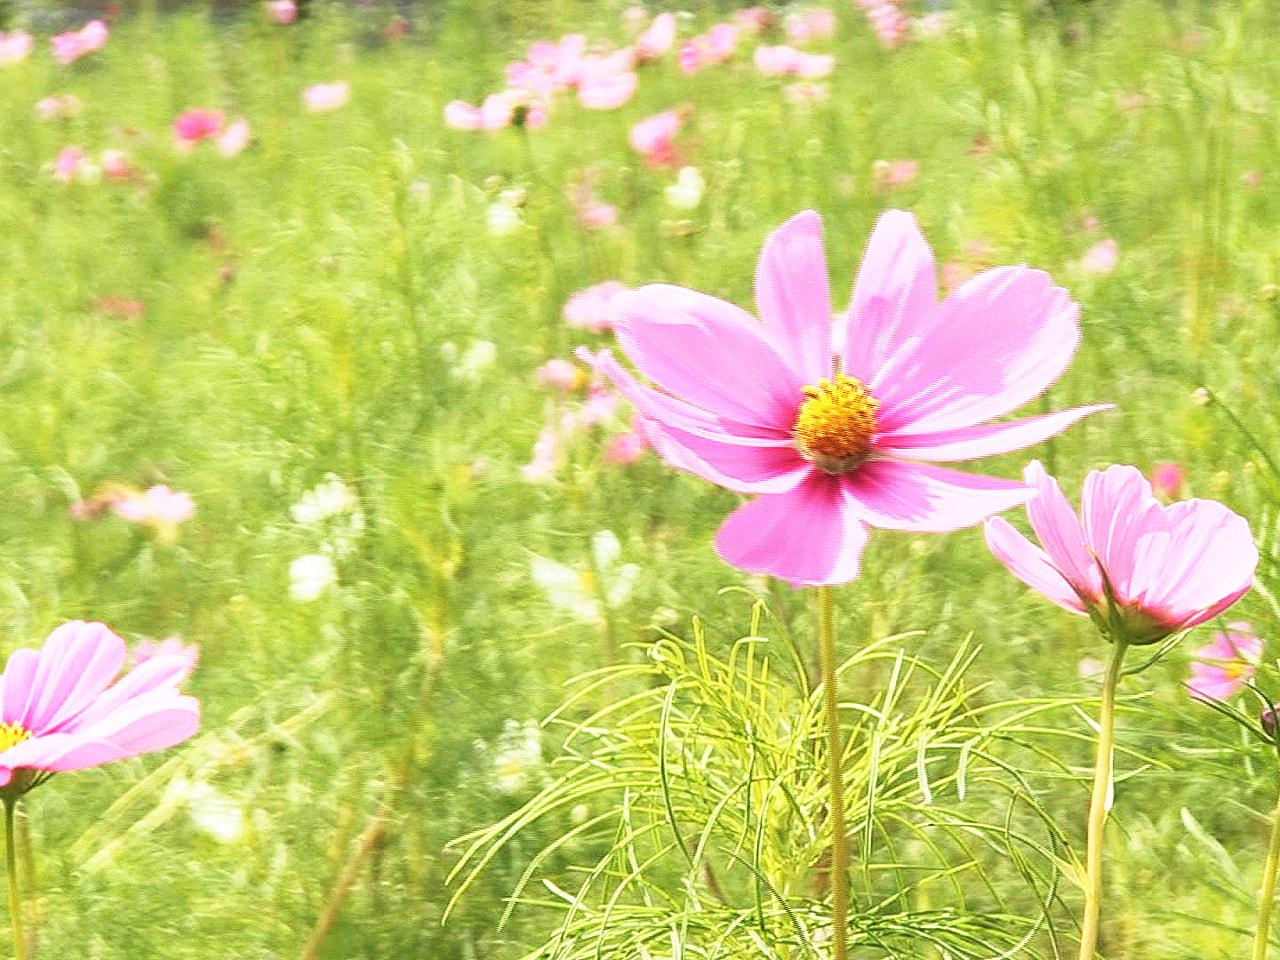 秋の訪れを告げるピンクや白のコスモスが岐阜市の畑で咲きそろい、見頃を迎えています...